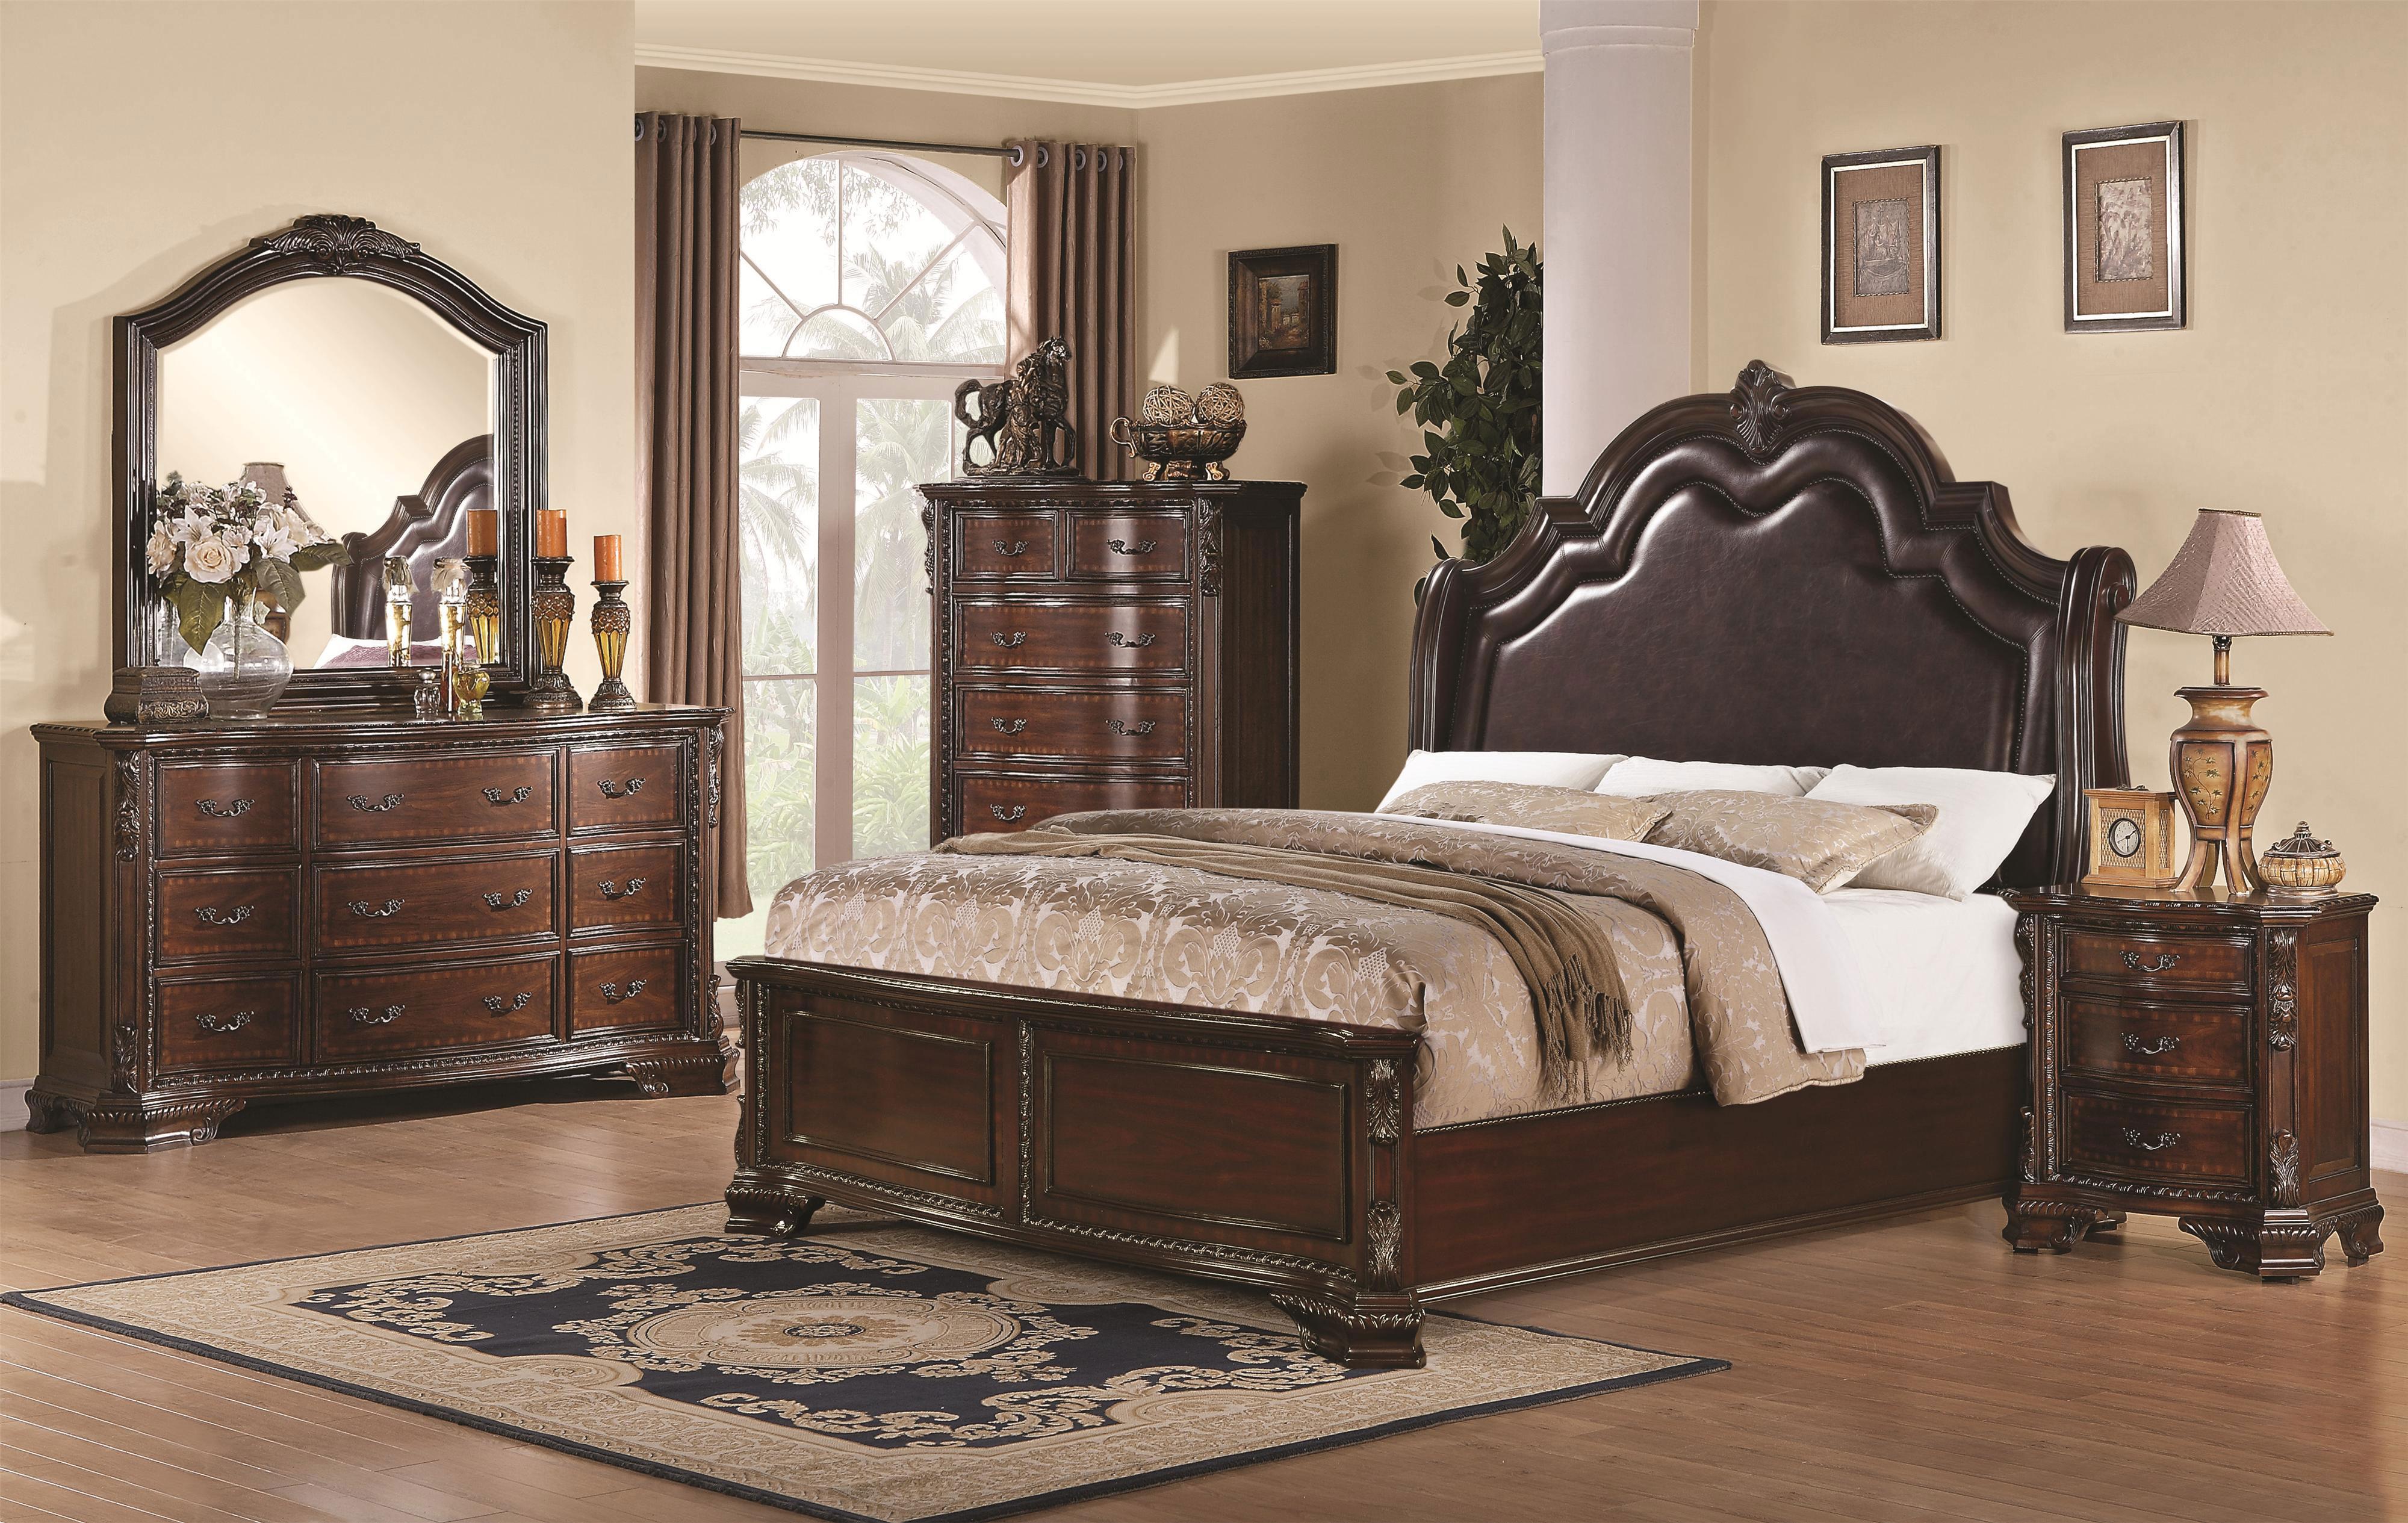 Manchester Upholstered Flotation Waterbed Bedroom Furniture